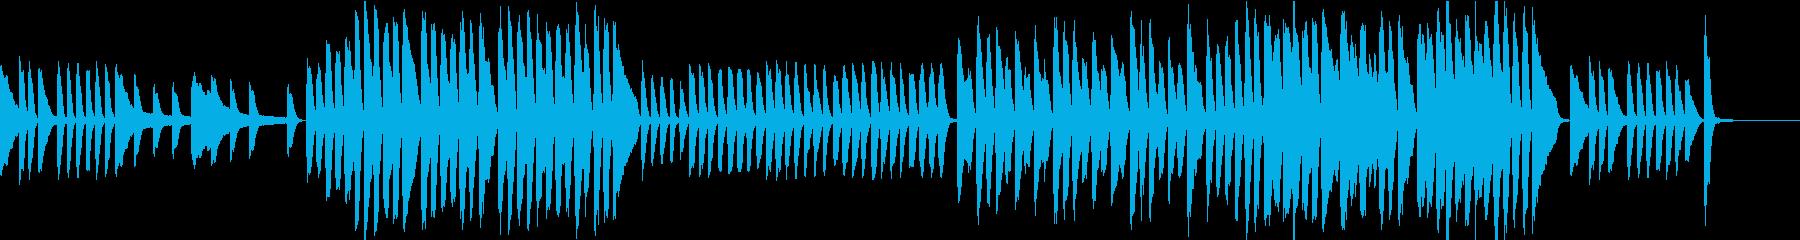 ほのぼのした雰囲気のピアノBGMの再生済みの波形